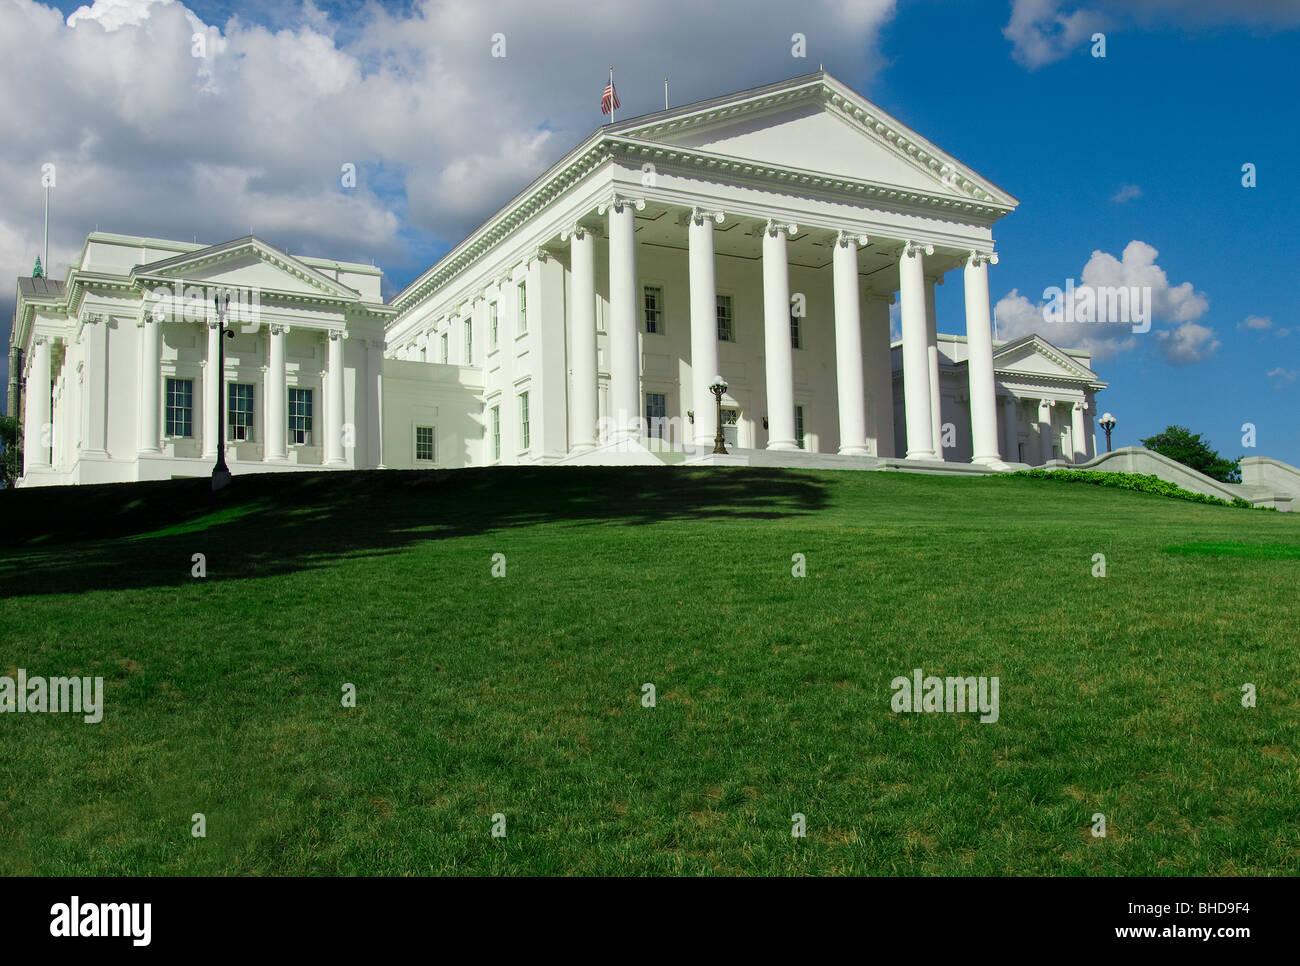 thomas jefferson neoclassical architecture